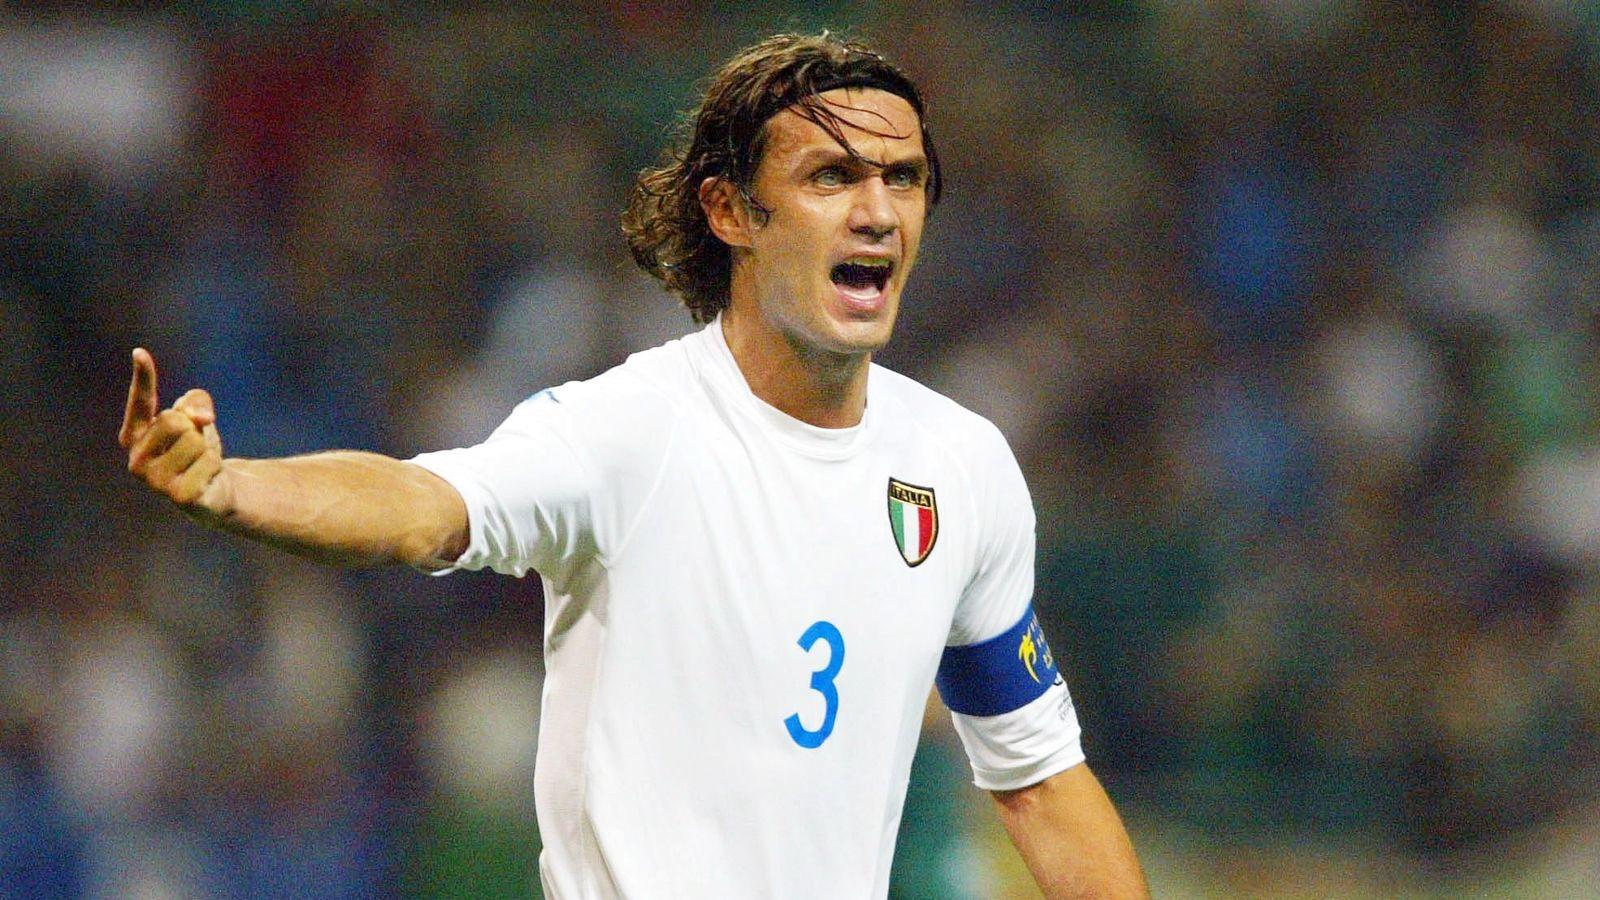 Paolo Maldini in talks with Alessandro Costacurta over